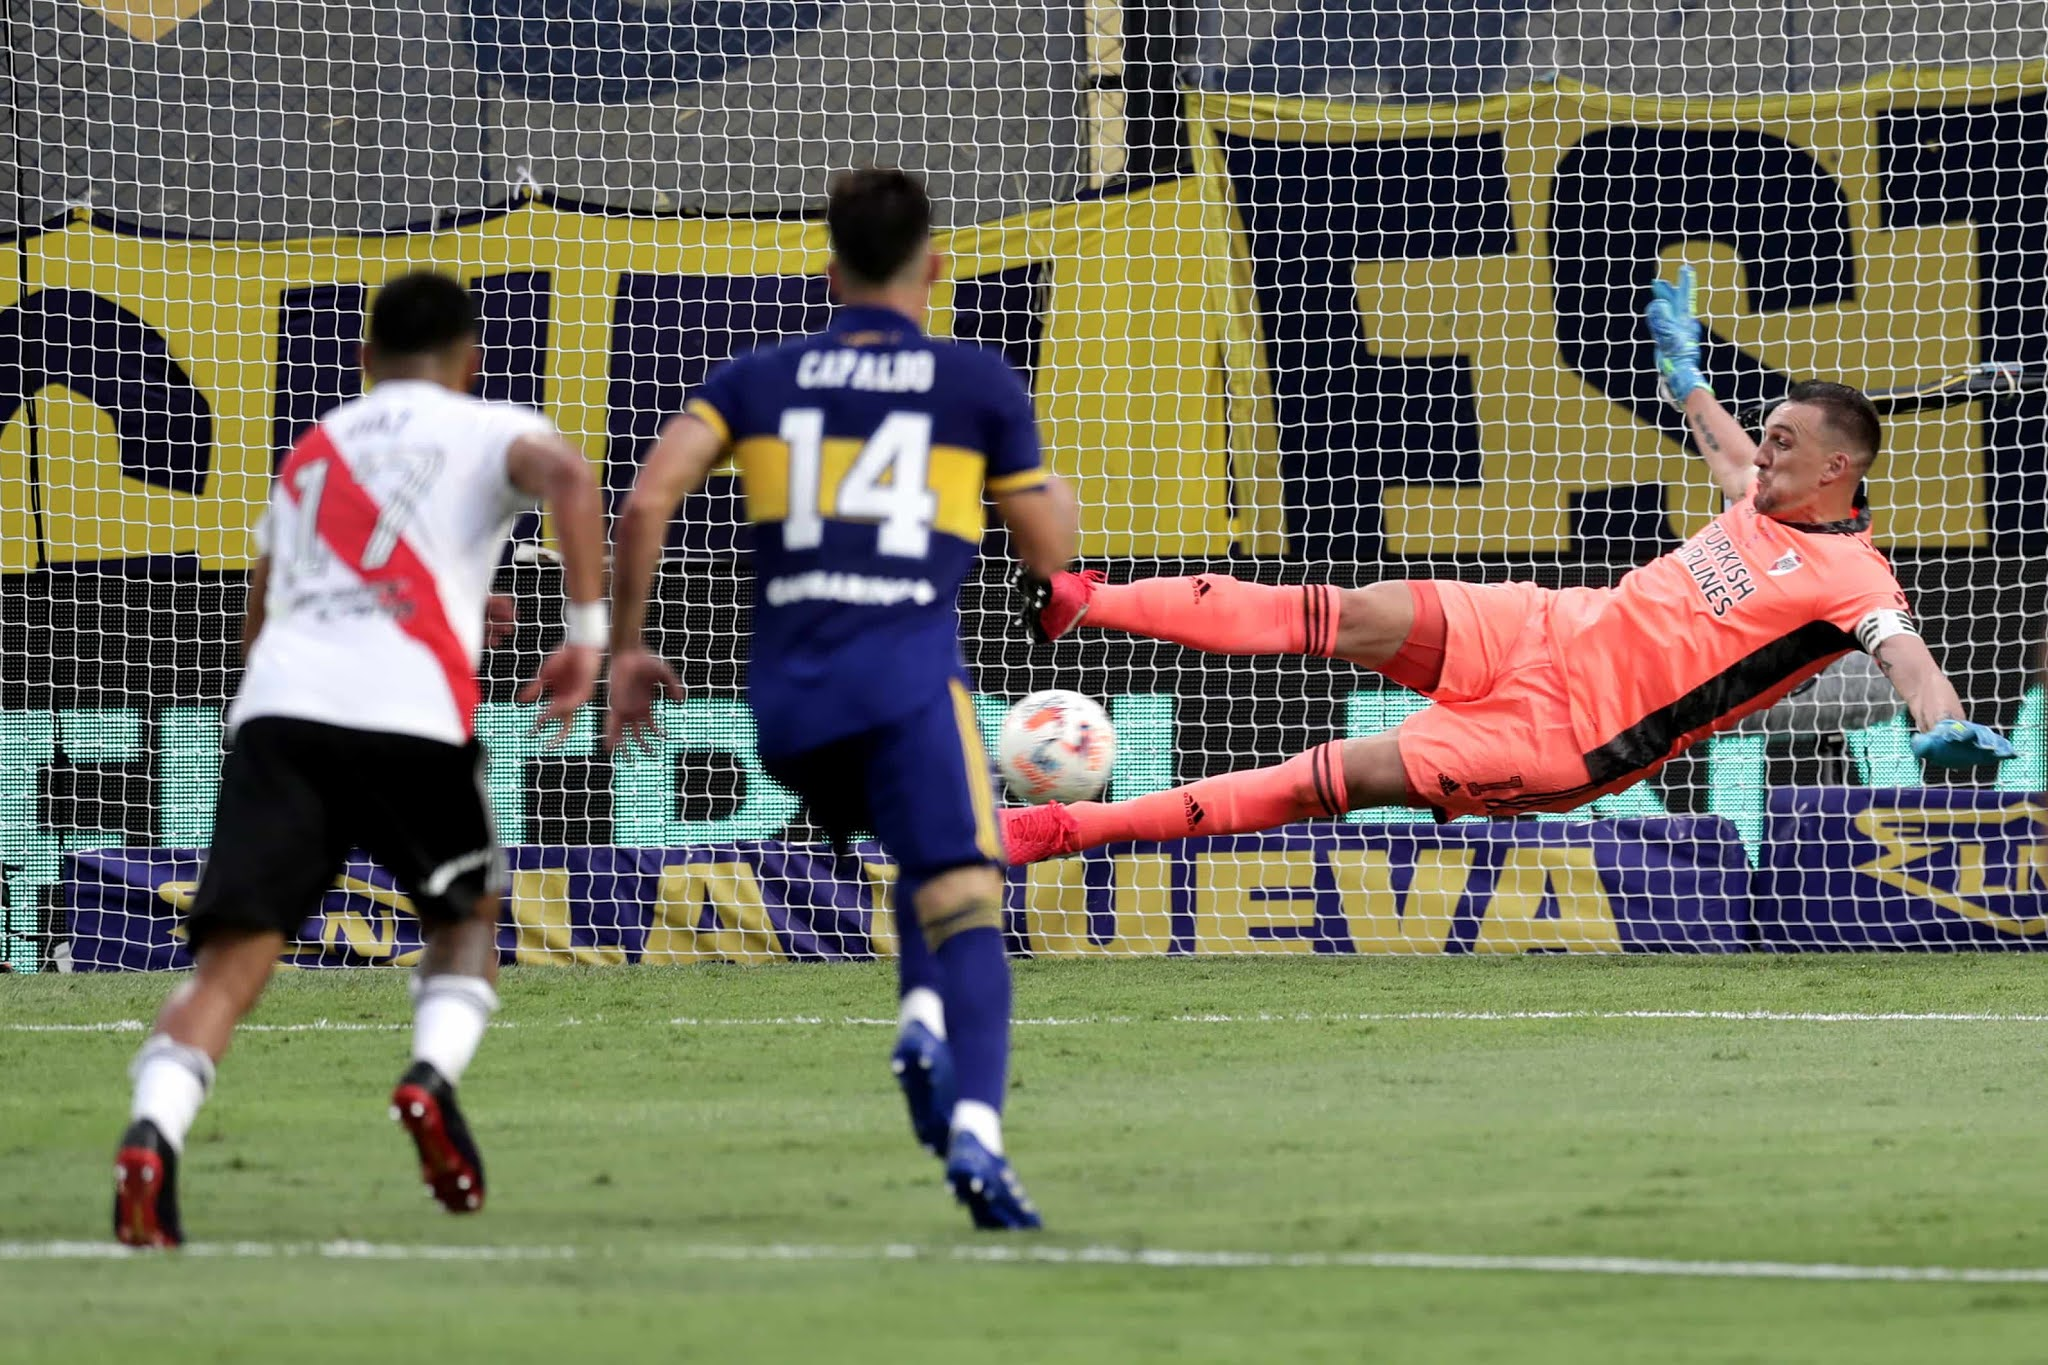 Copa de la Liga: Boca y River se cruzarán el próximo fin de semana en la Bombonera por cuartos de final